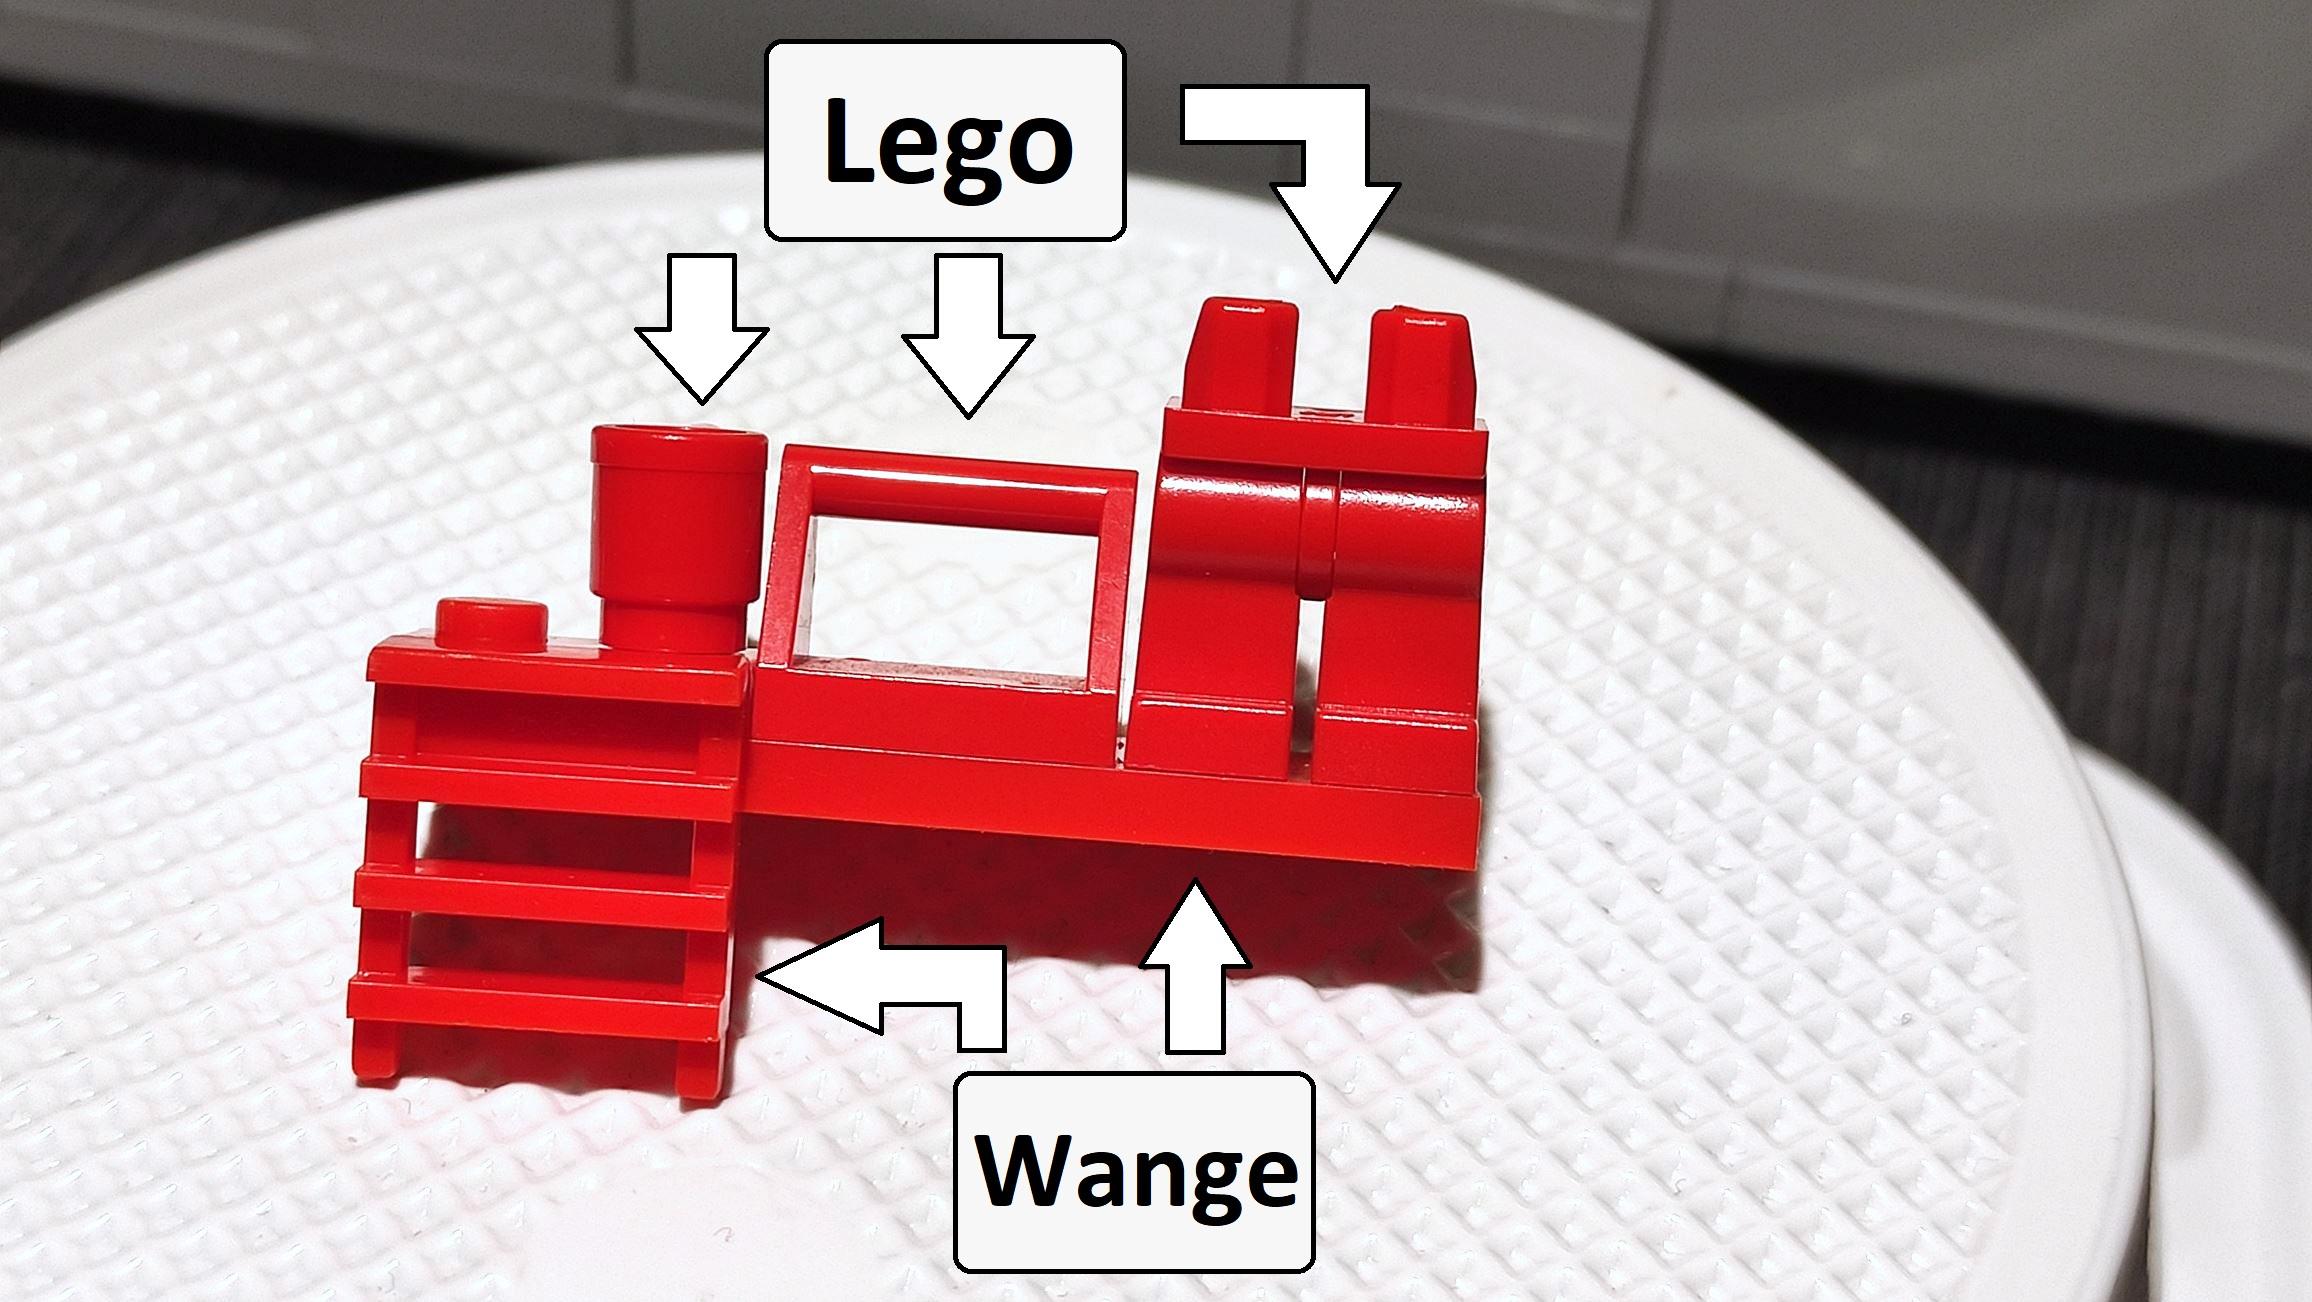 Lösung: Oben Lego, unten Wange.